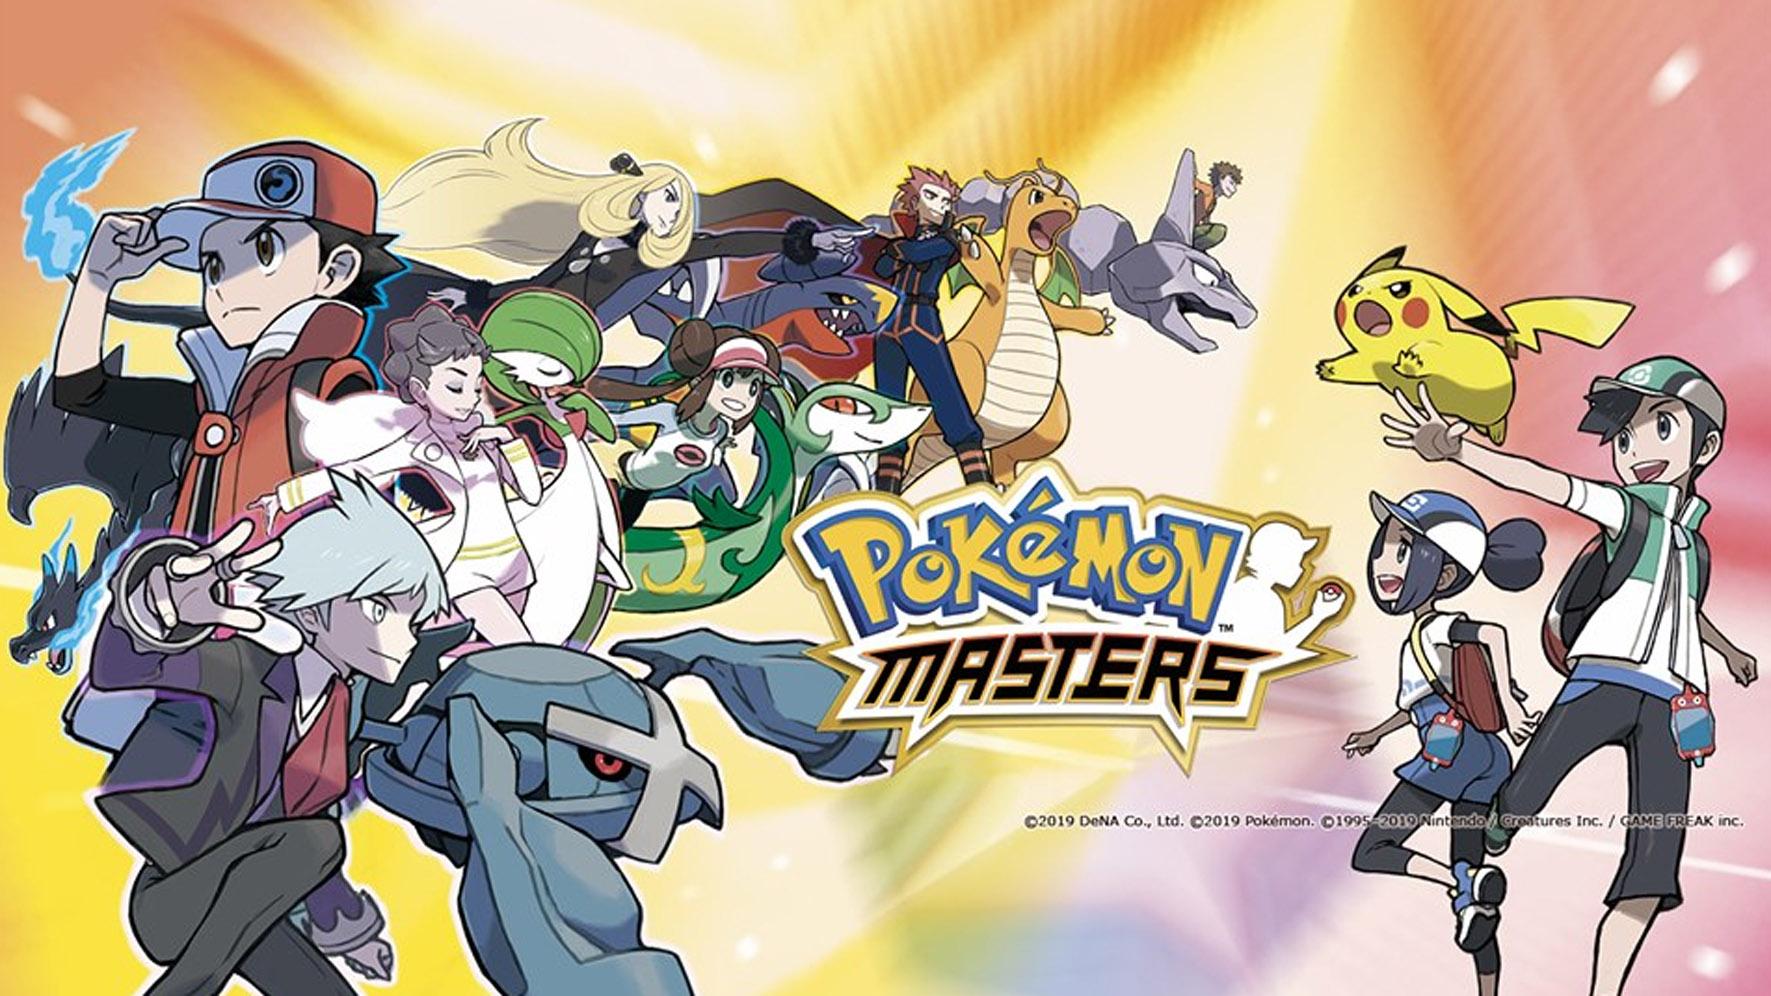 第一週的營收就達到了 2500 萬美金。(圖源:Pokémon Masters)